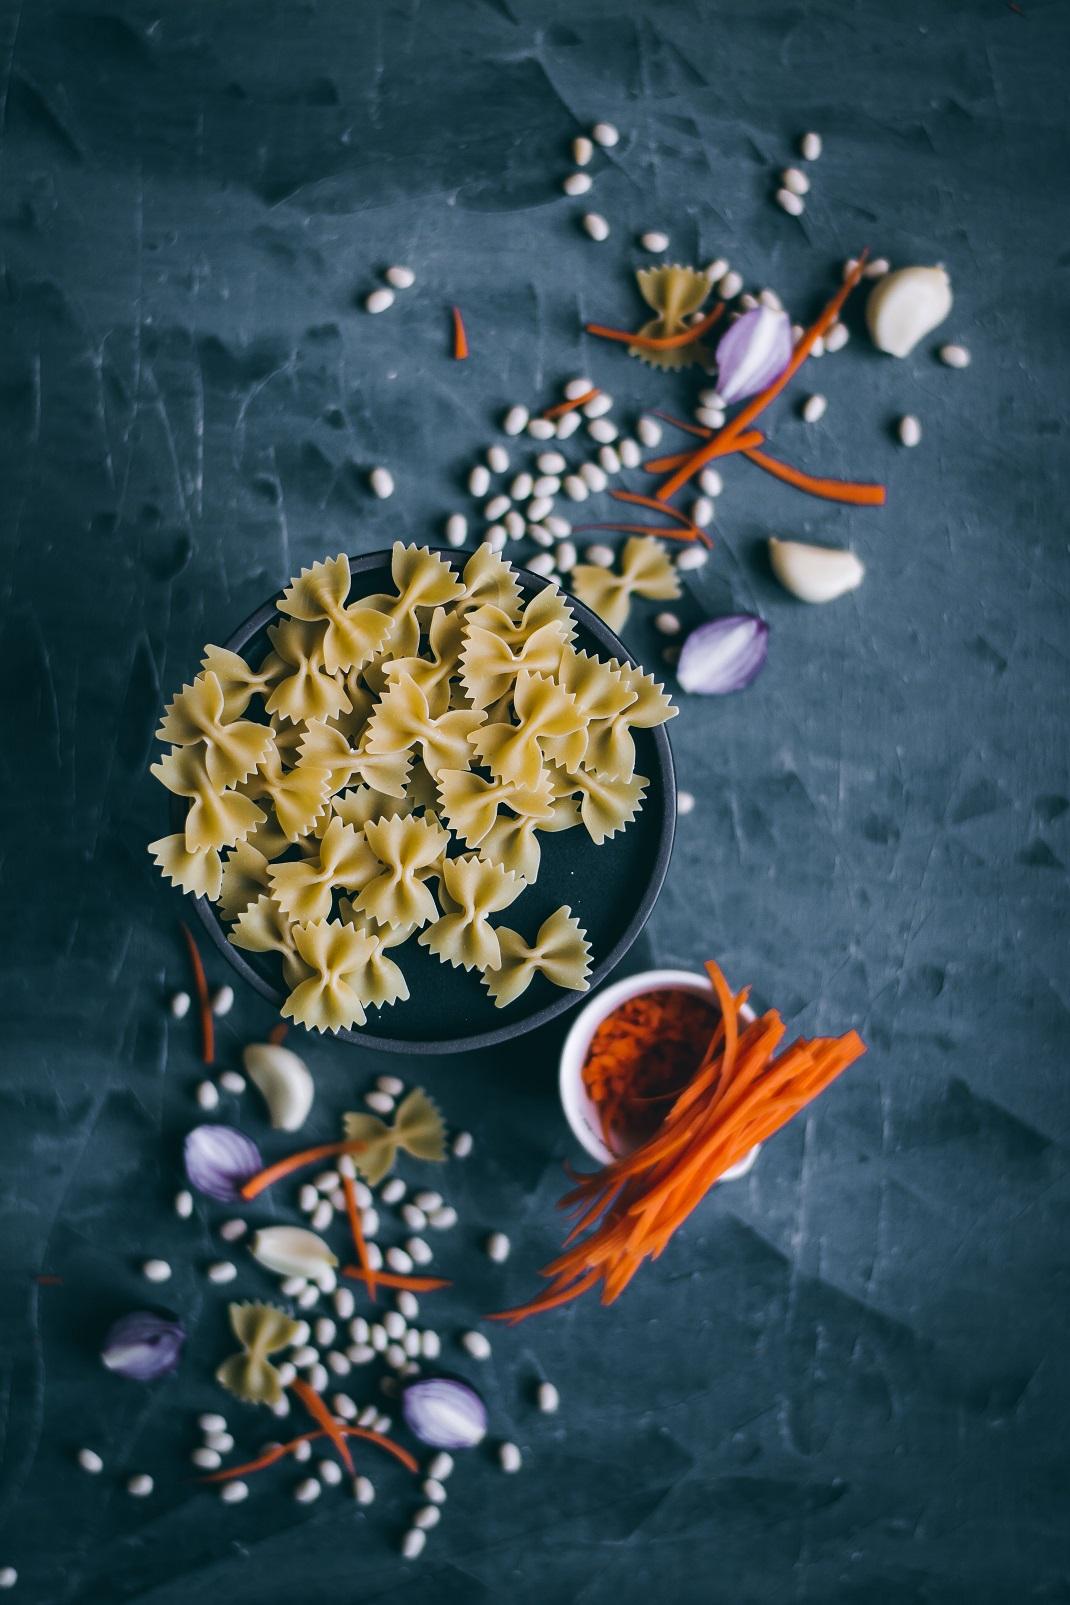 Ζυμαρικά φιογκάκια σε μαύρο πιάτο